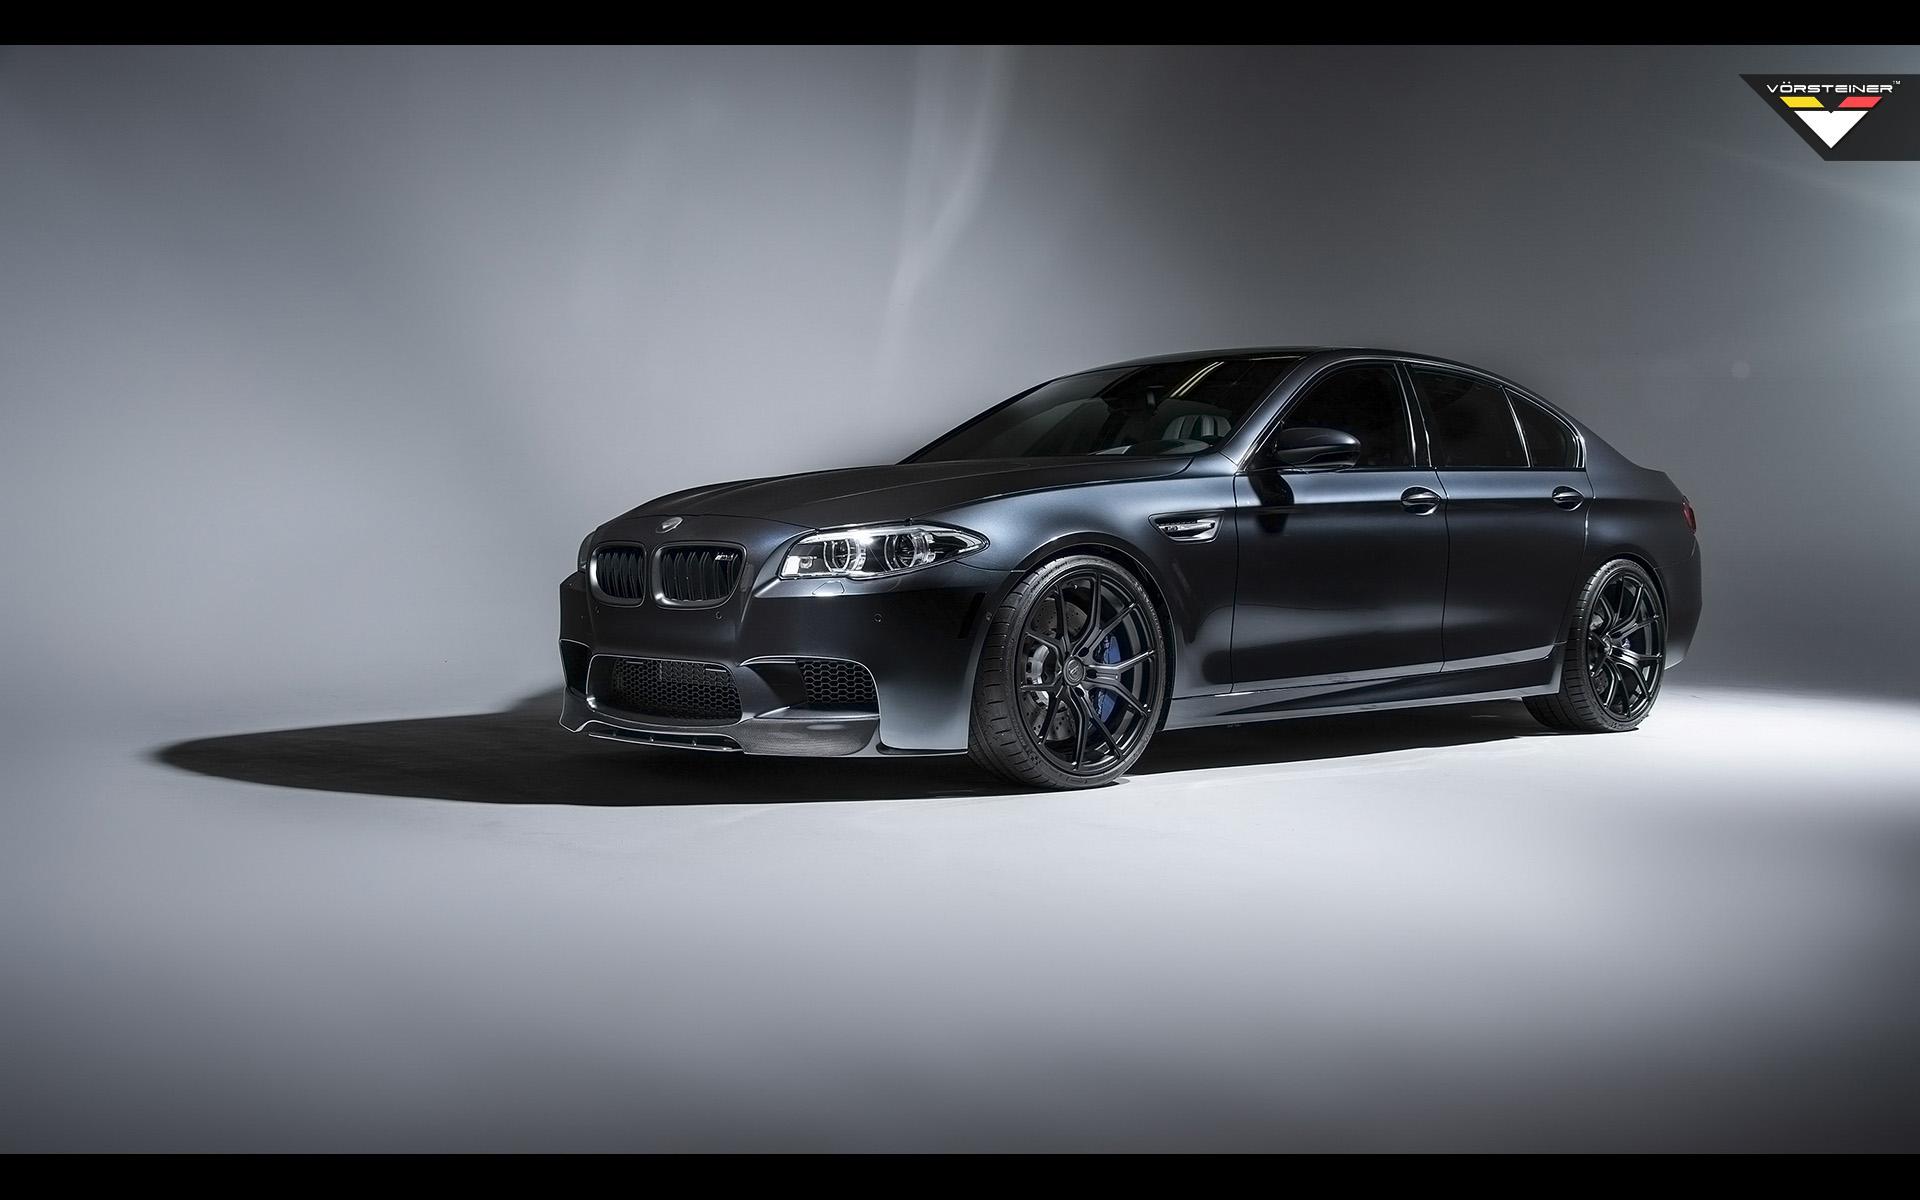 2014_Vorsteiner_BMW_F10_M5_m_5___d_1920x1200.jpg